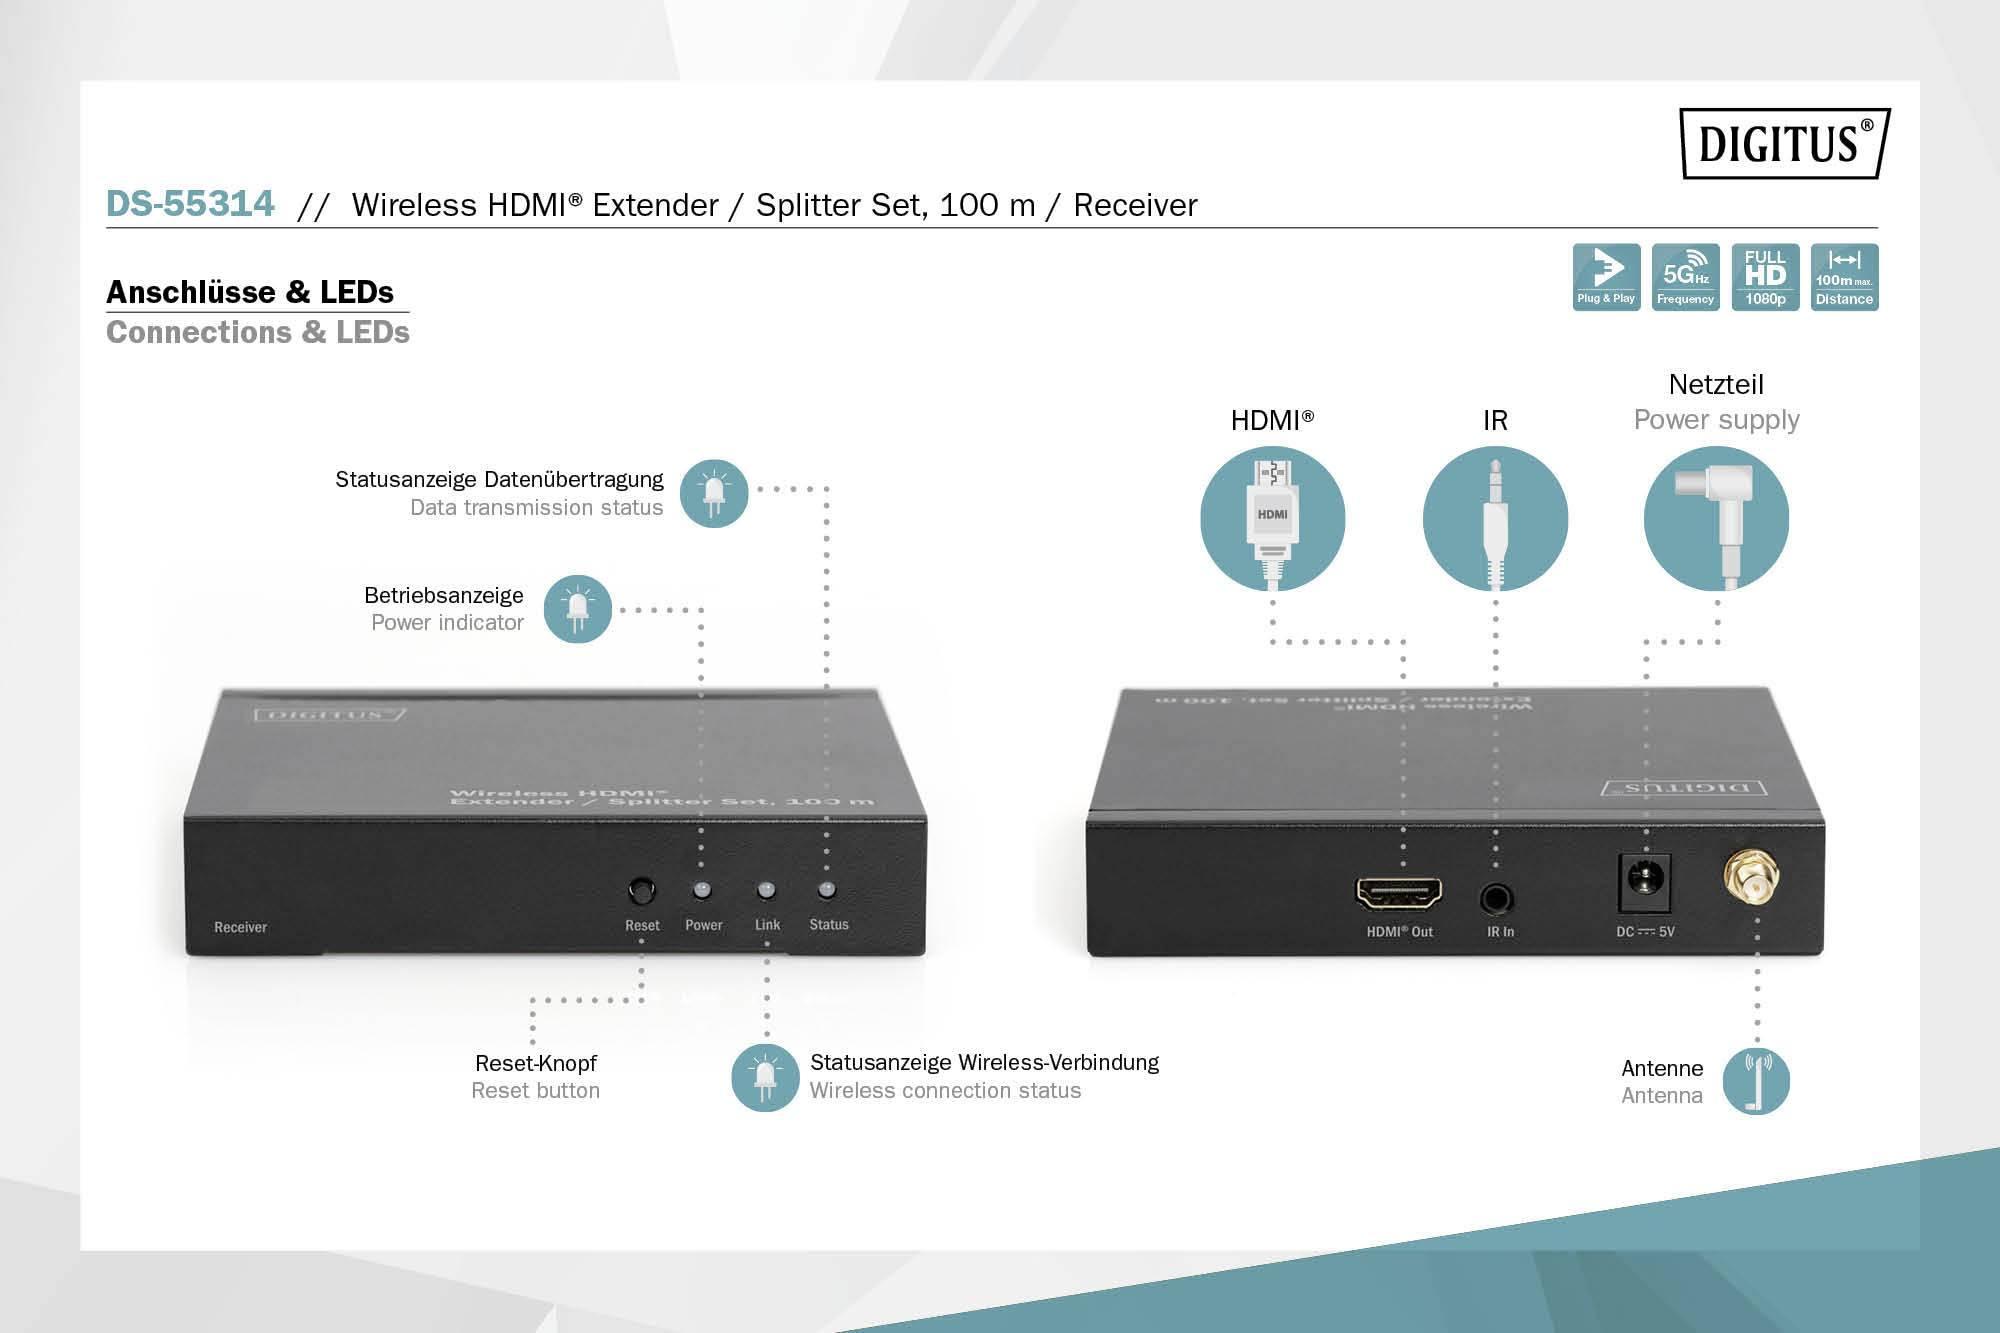 Digitus DS-55314 HDMI naprava za brezžični prenos (komplet) 100 m 5 GHz 1024 x 720 piksel, 1080 x 720 piksel, 1200 x 720